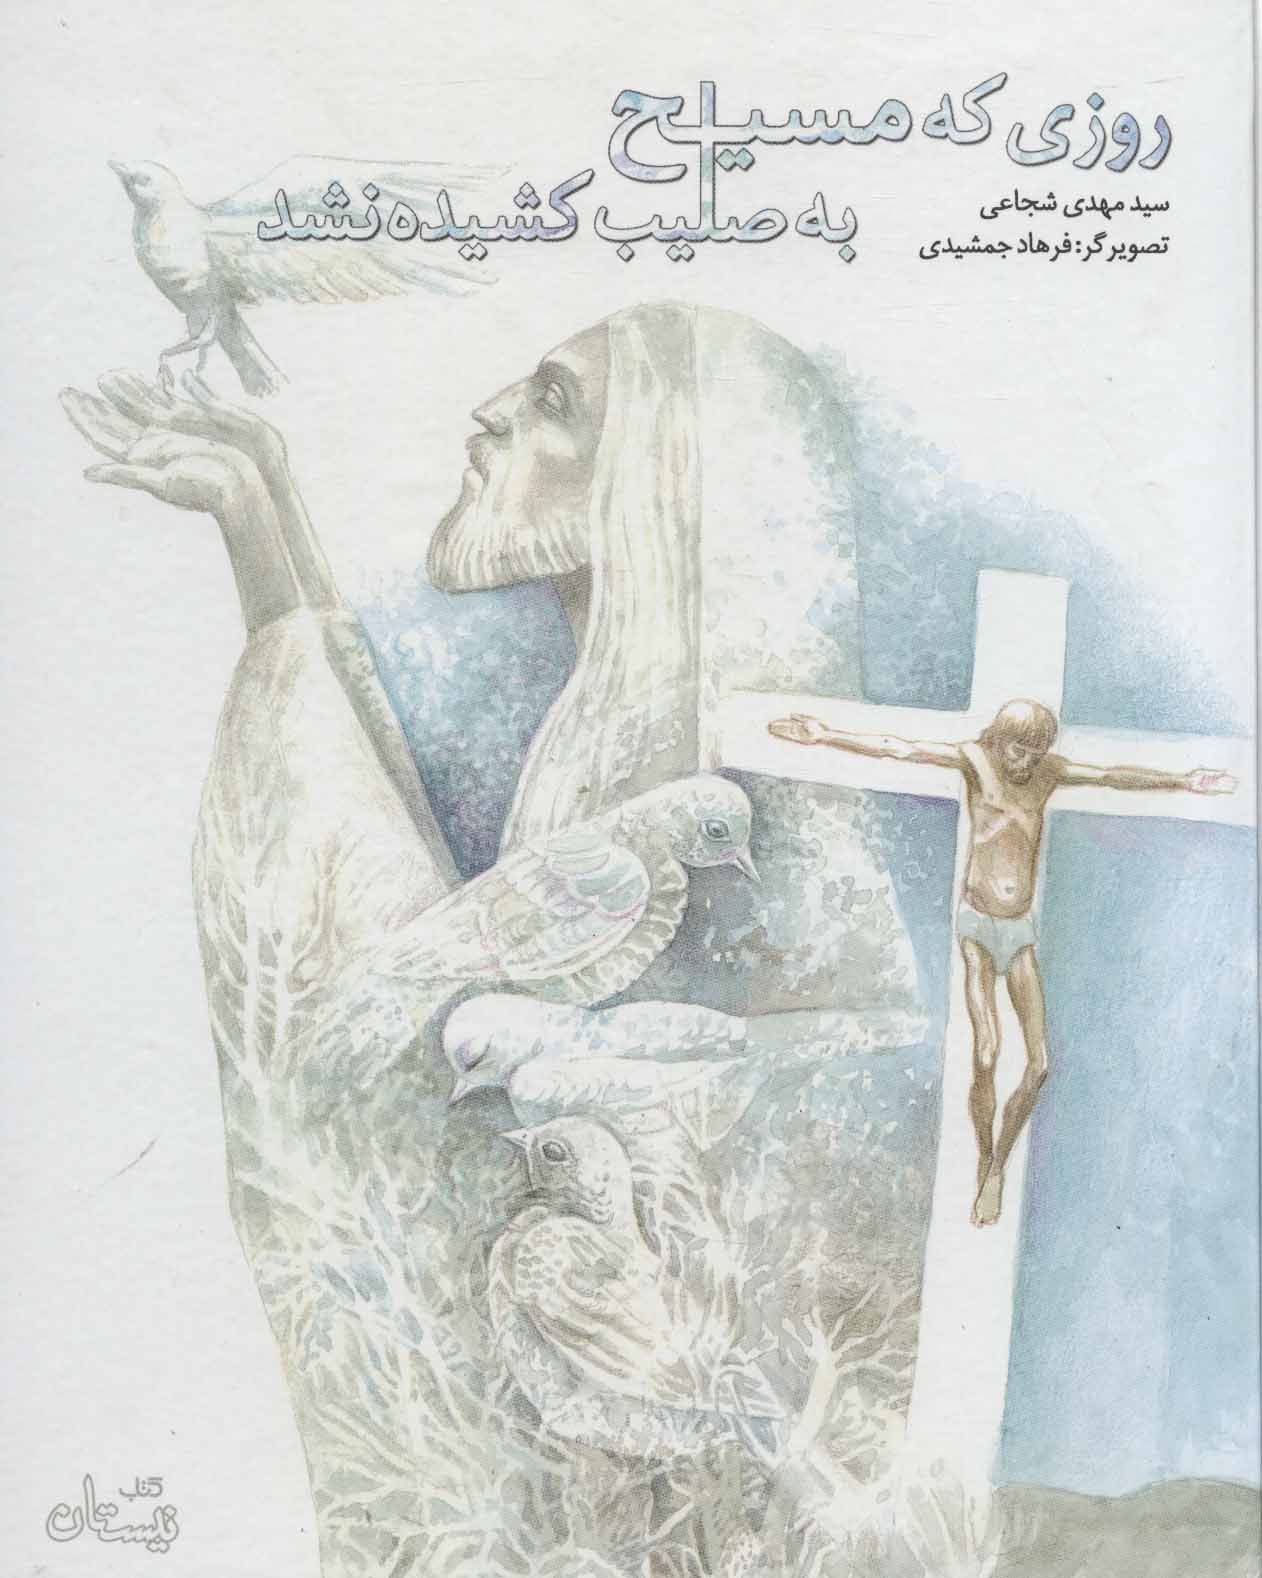 روزی که مسیح به صلیب کشیده نشد (گلاسه)